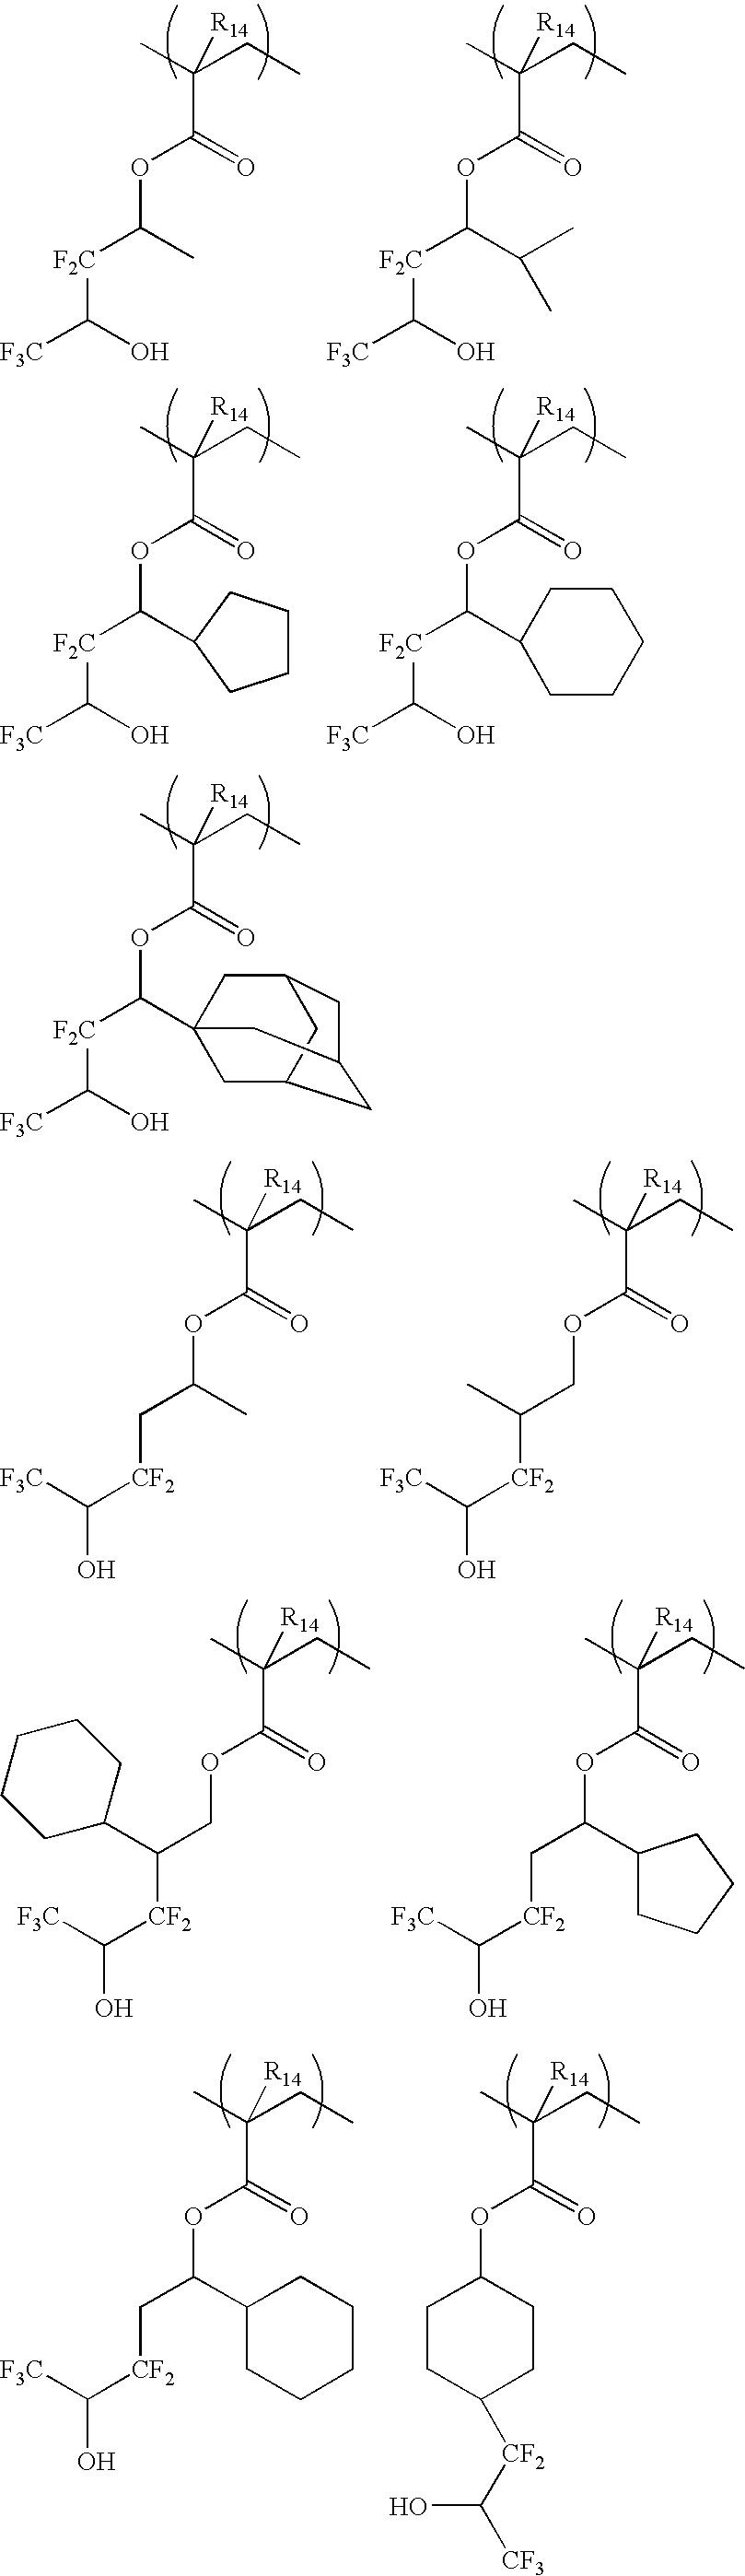 Figure US20070231738A1-20071004-C00021